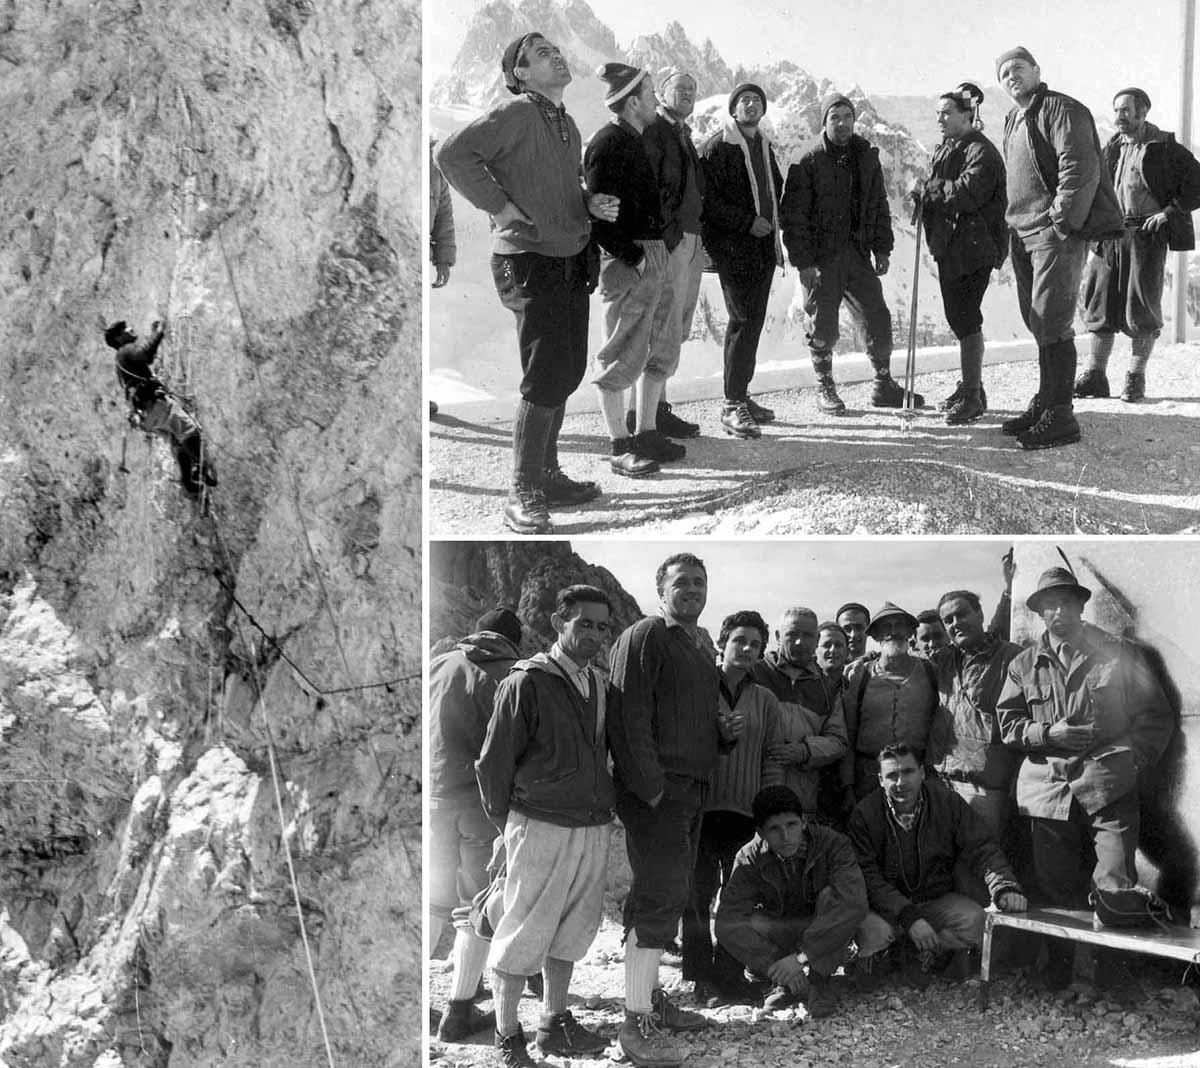 Loris De Moliner: sopra con Armando Tama Da Roit, Toni Serafini Croda di Falcade, Roberto Sorgato Giorgio Ronchi - sotto con alpinisti della Schiara - a sx in arrampicata (archivio Loris Santomaso)